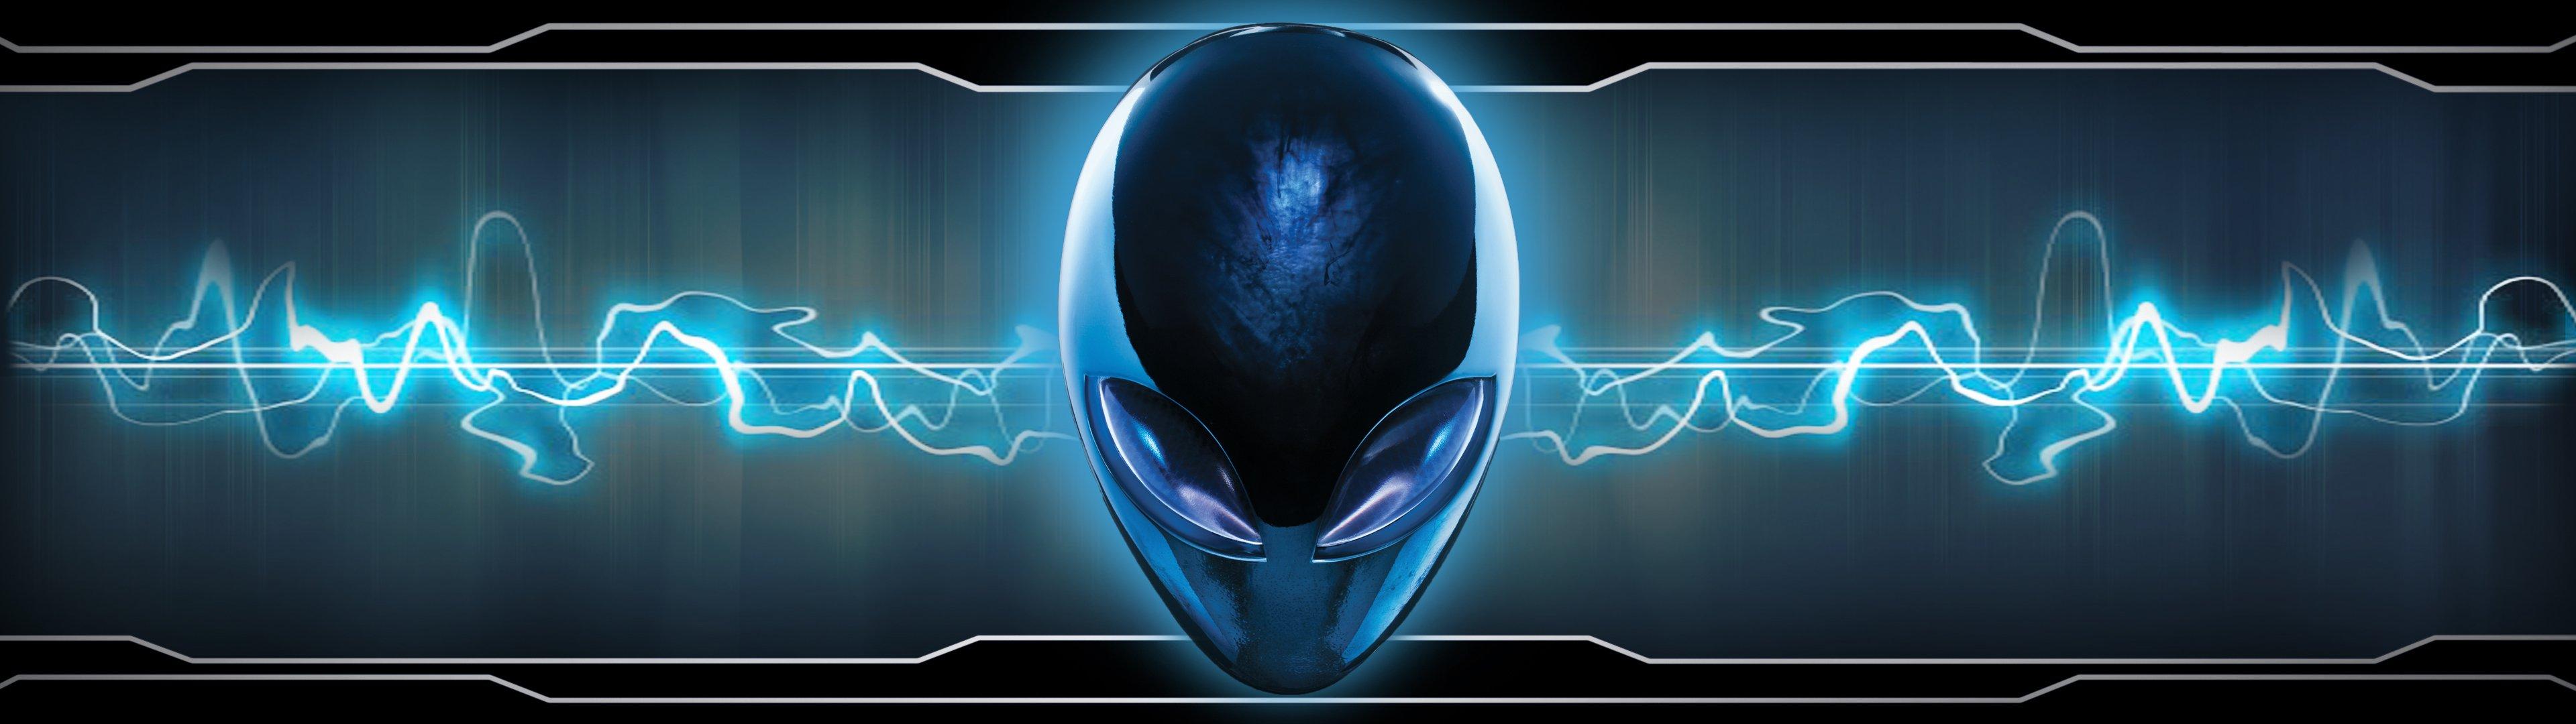 dual monitor scrren multi multiple alien alienware wallpaper 3840x1080